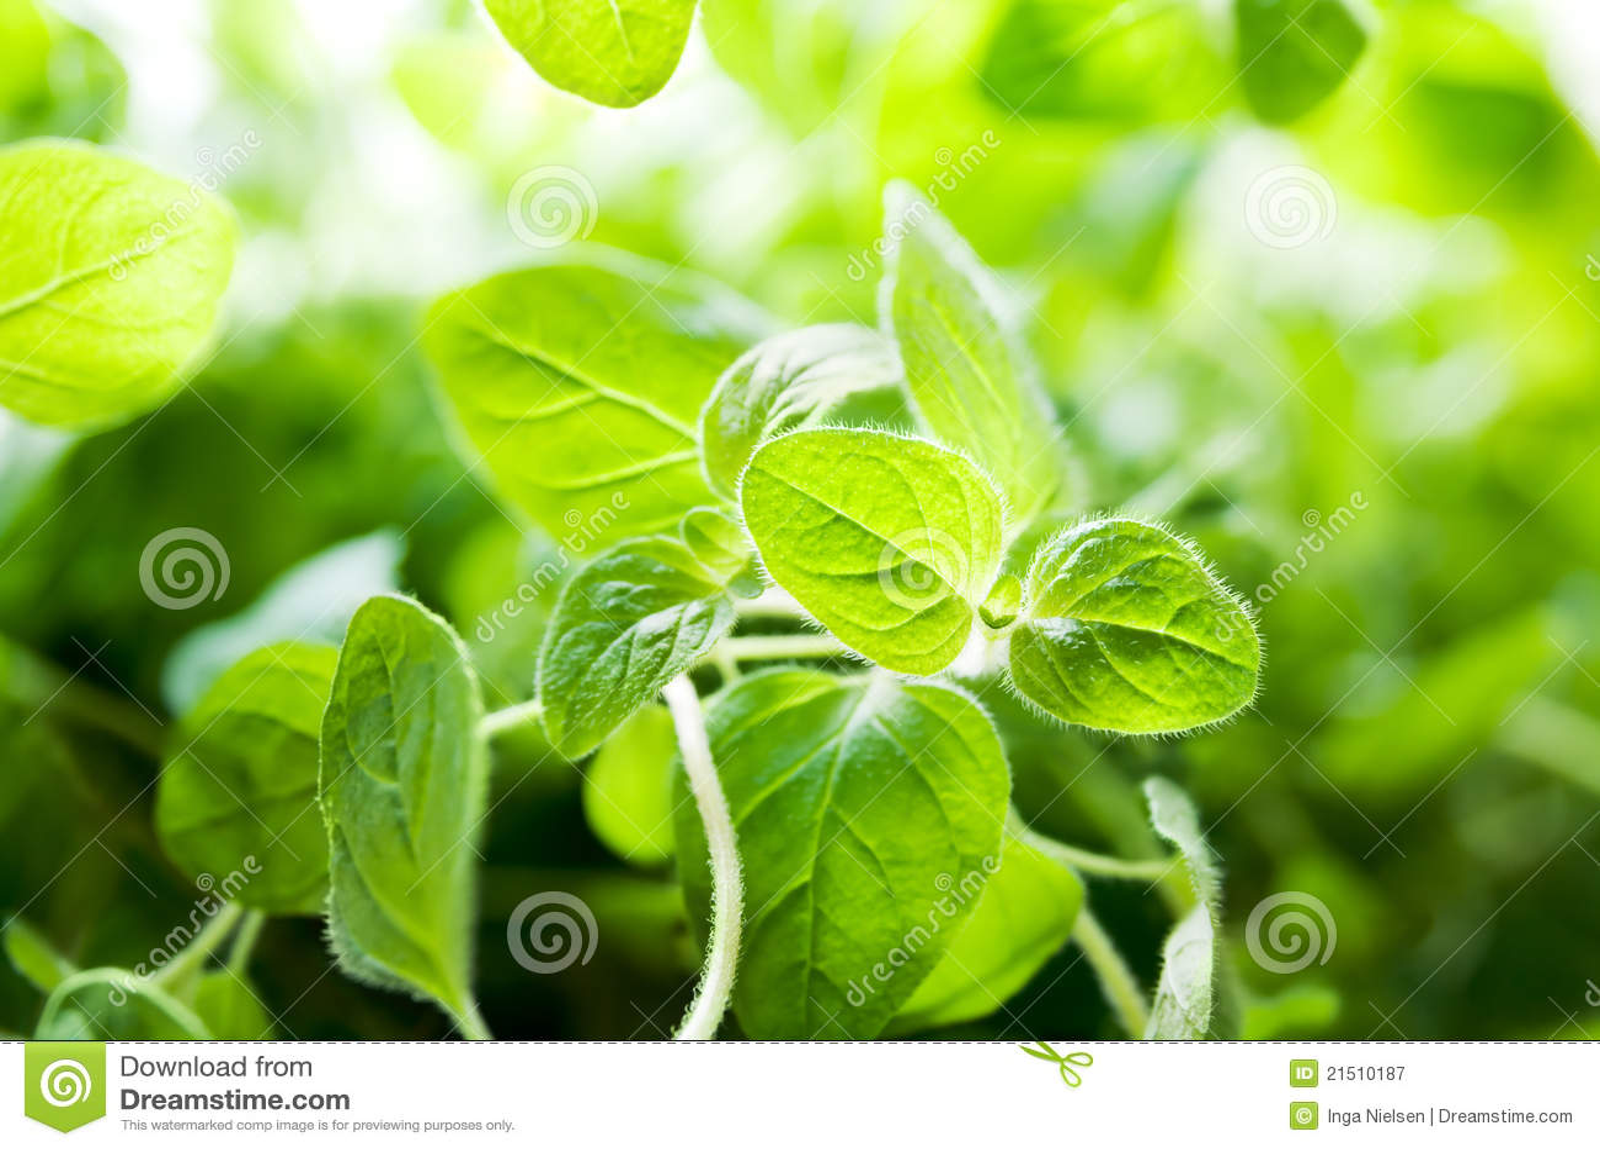 Oregano Plant Royalty Free Stock Photography - Image: 21510187